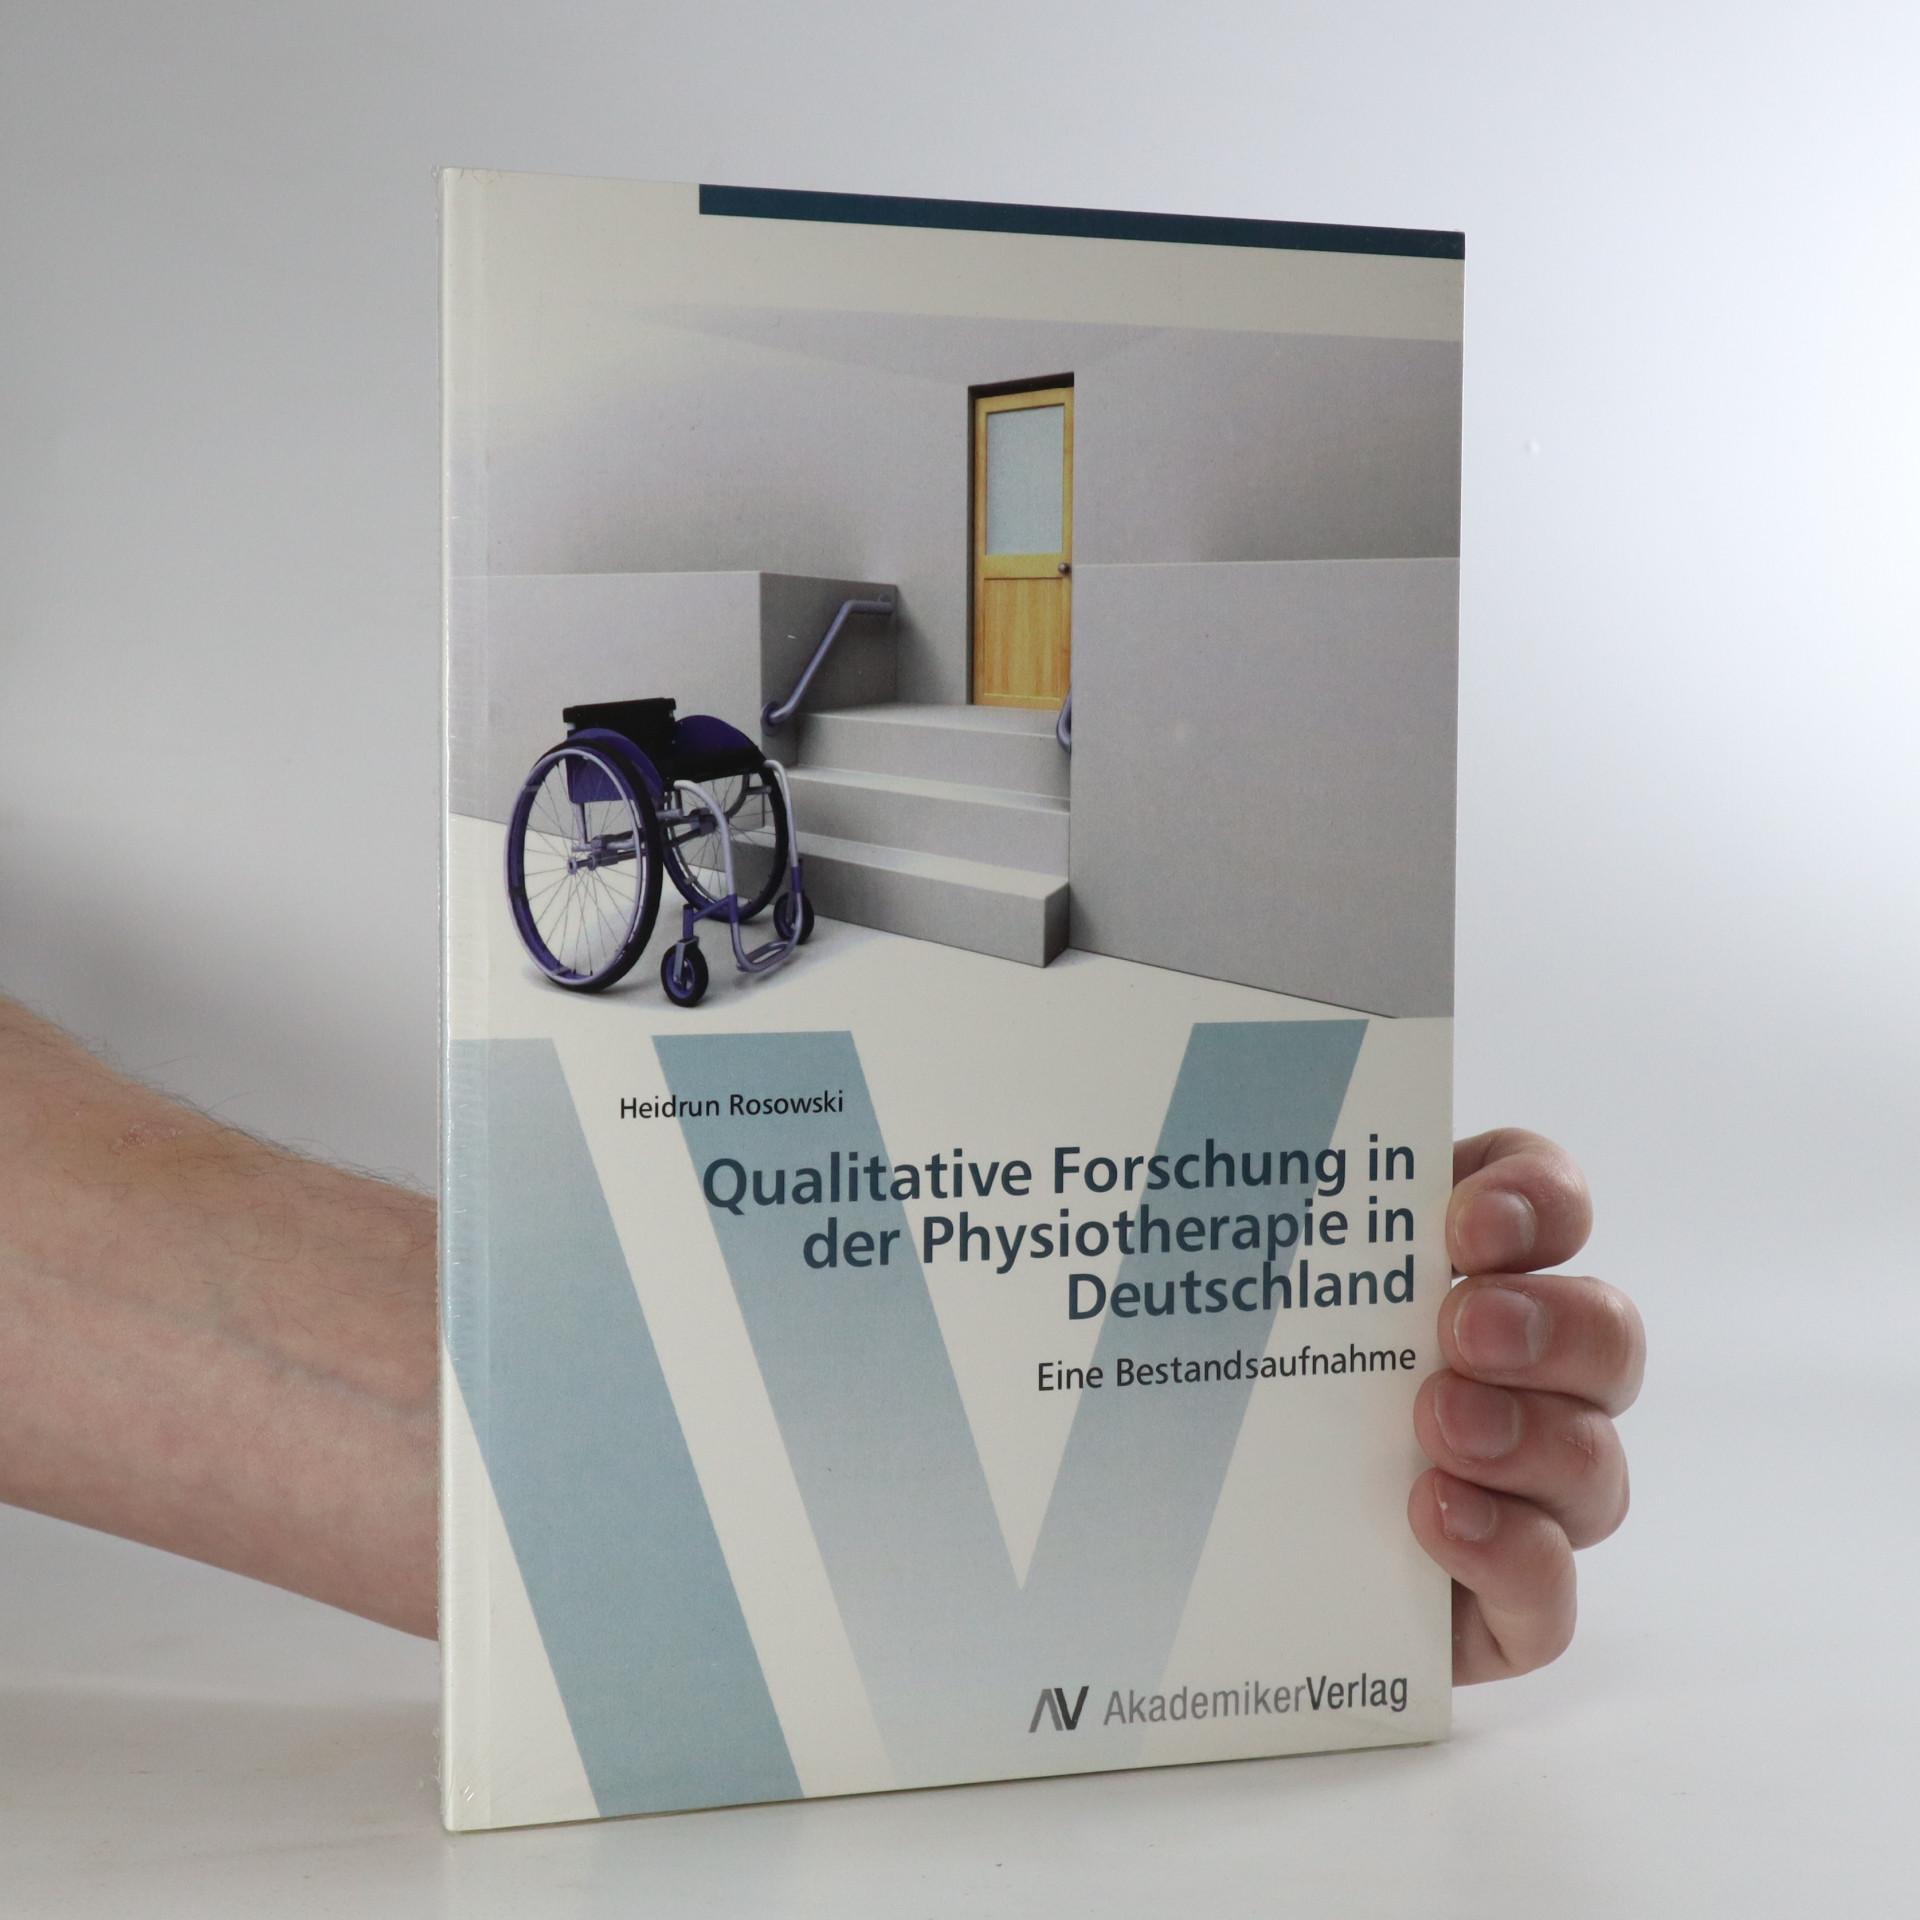 antikvární kniha Qualitative Forschung in der Physiotherapie in Deutschland, neuveden